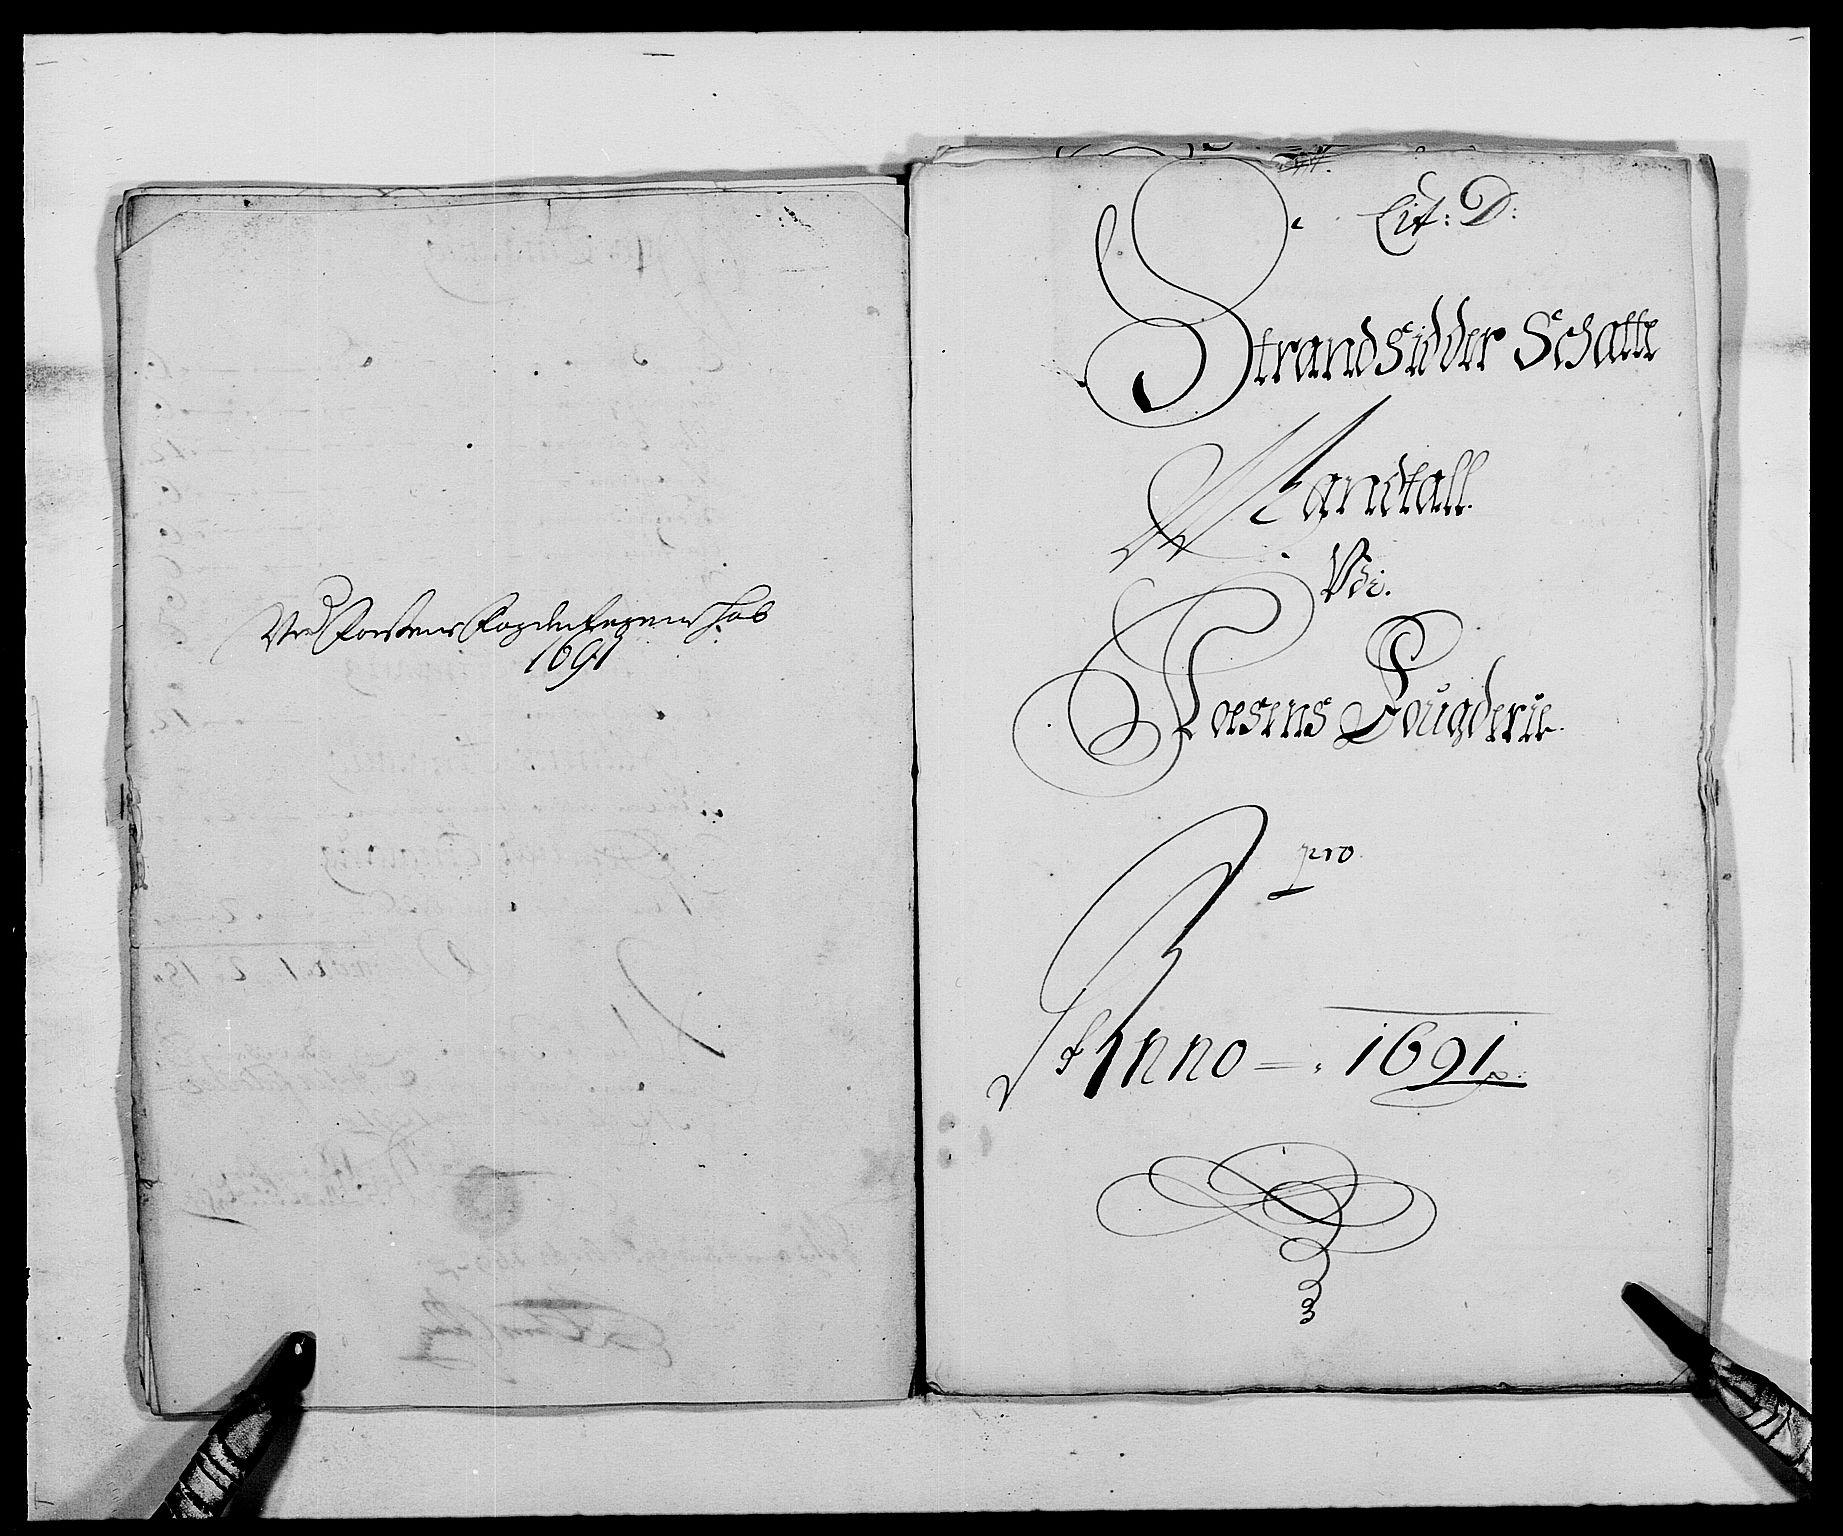 RA, Rentekammeret inntil 1814, Reviderte regnskaper, Fogderegnskap, R57/L3848: Fogderegnskap Fosen, 1690-1691, s. 223